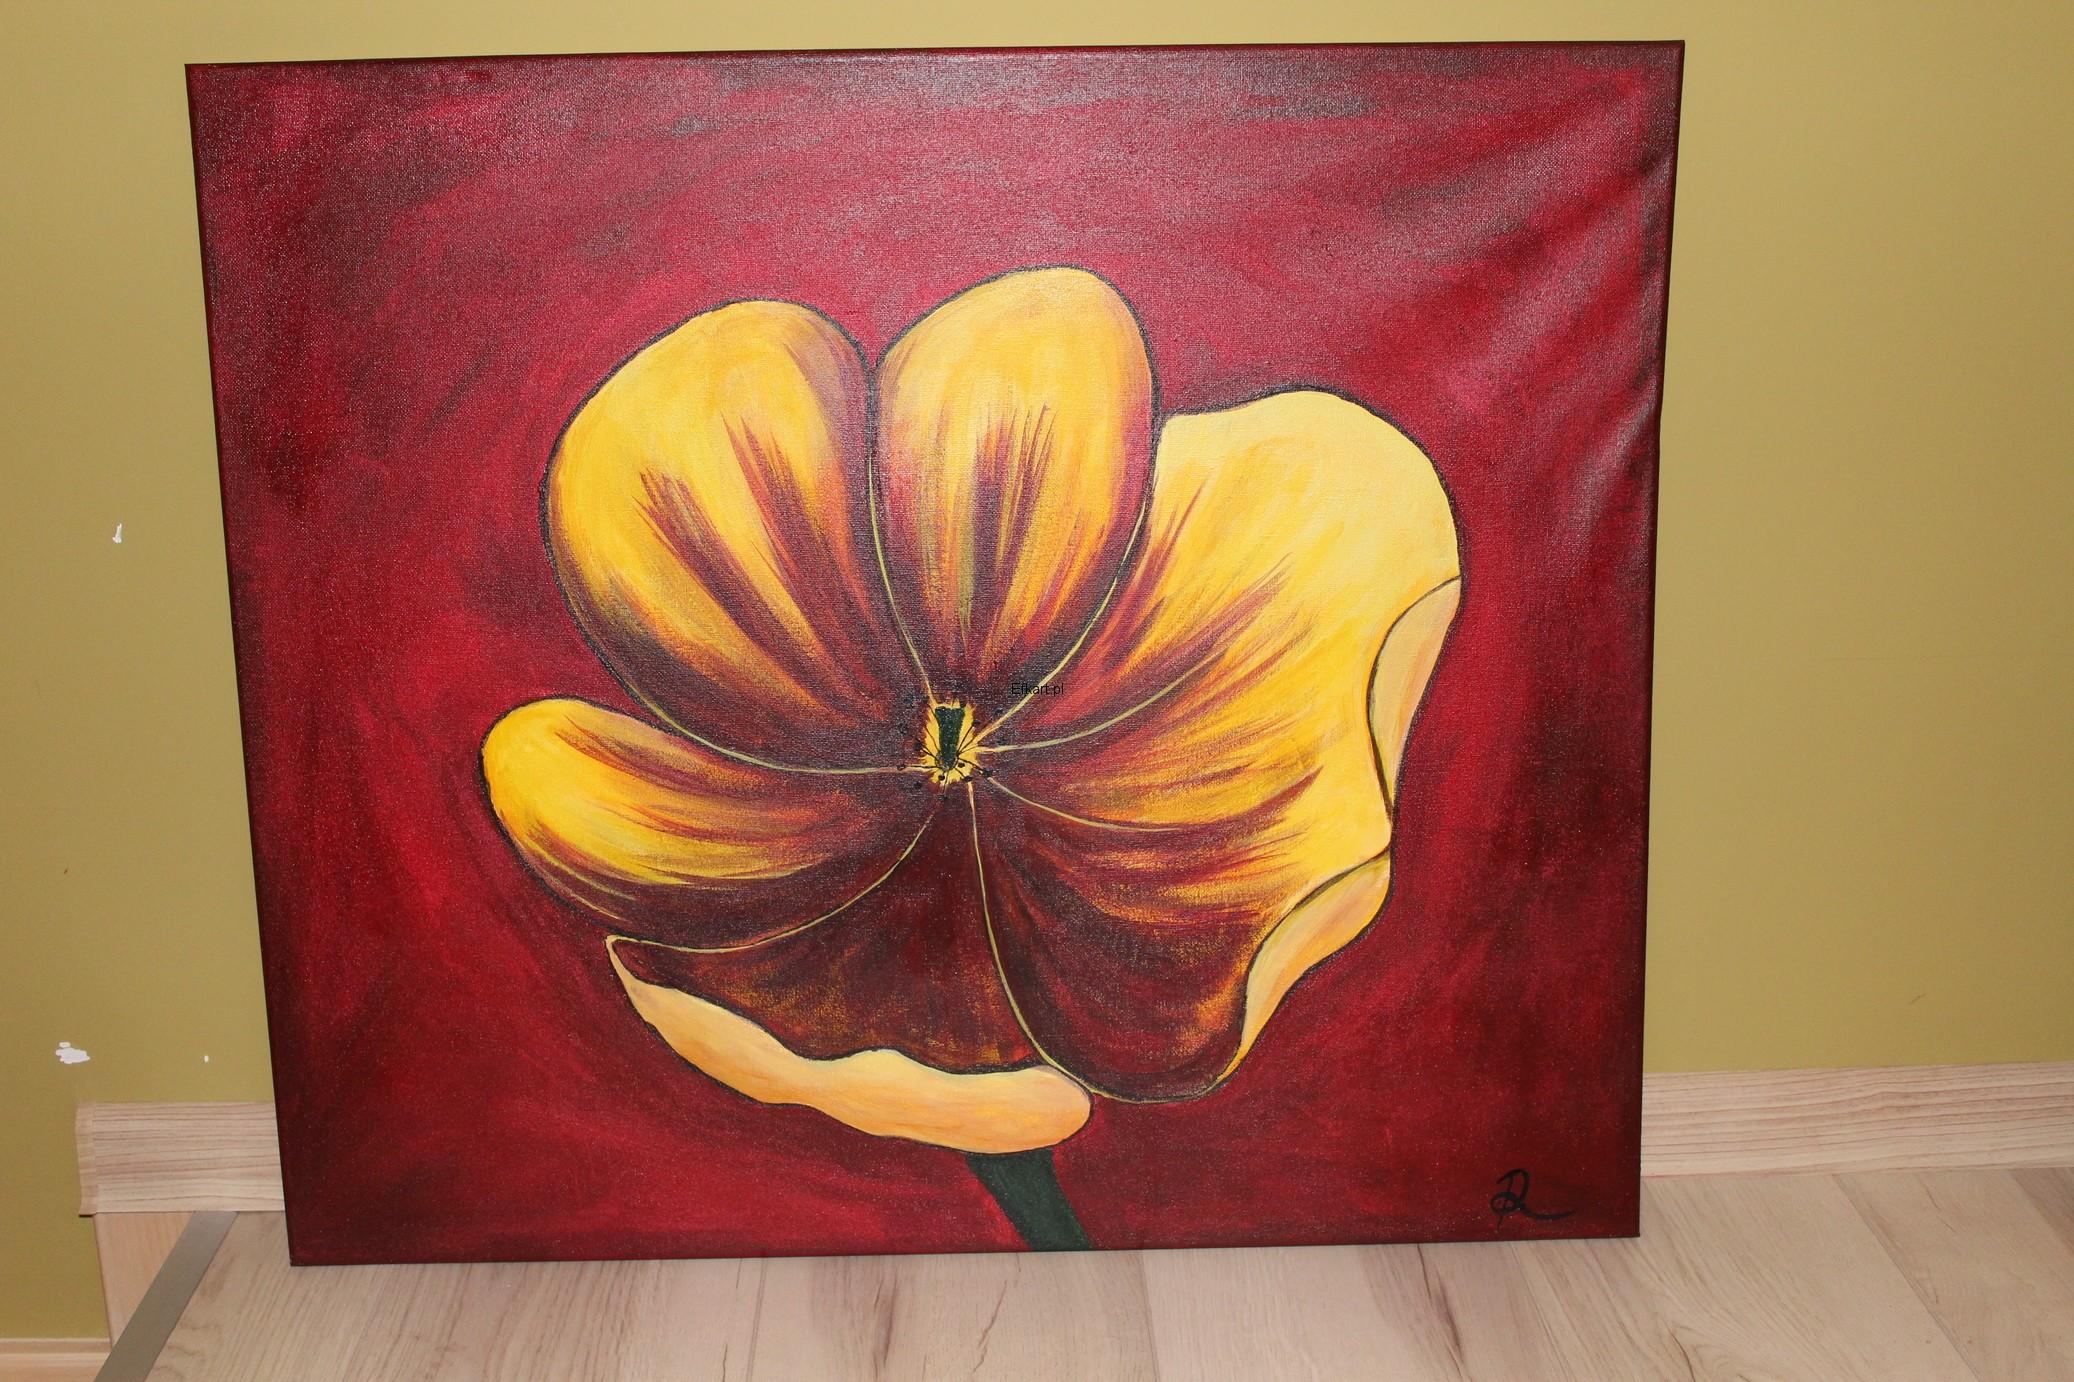 Obraz Akrylowy Kwiaty 7008932769 Oficjalne Archiwum Allegro